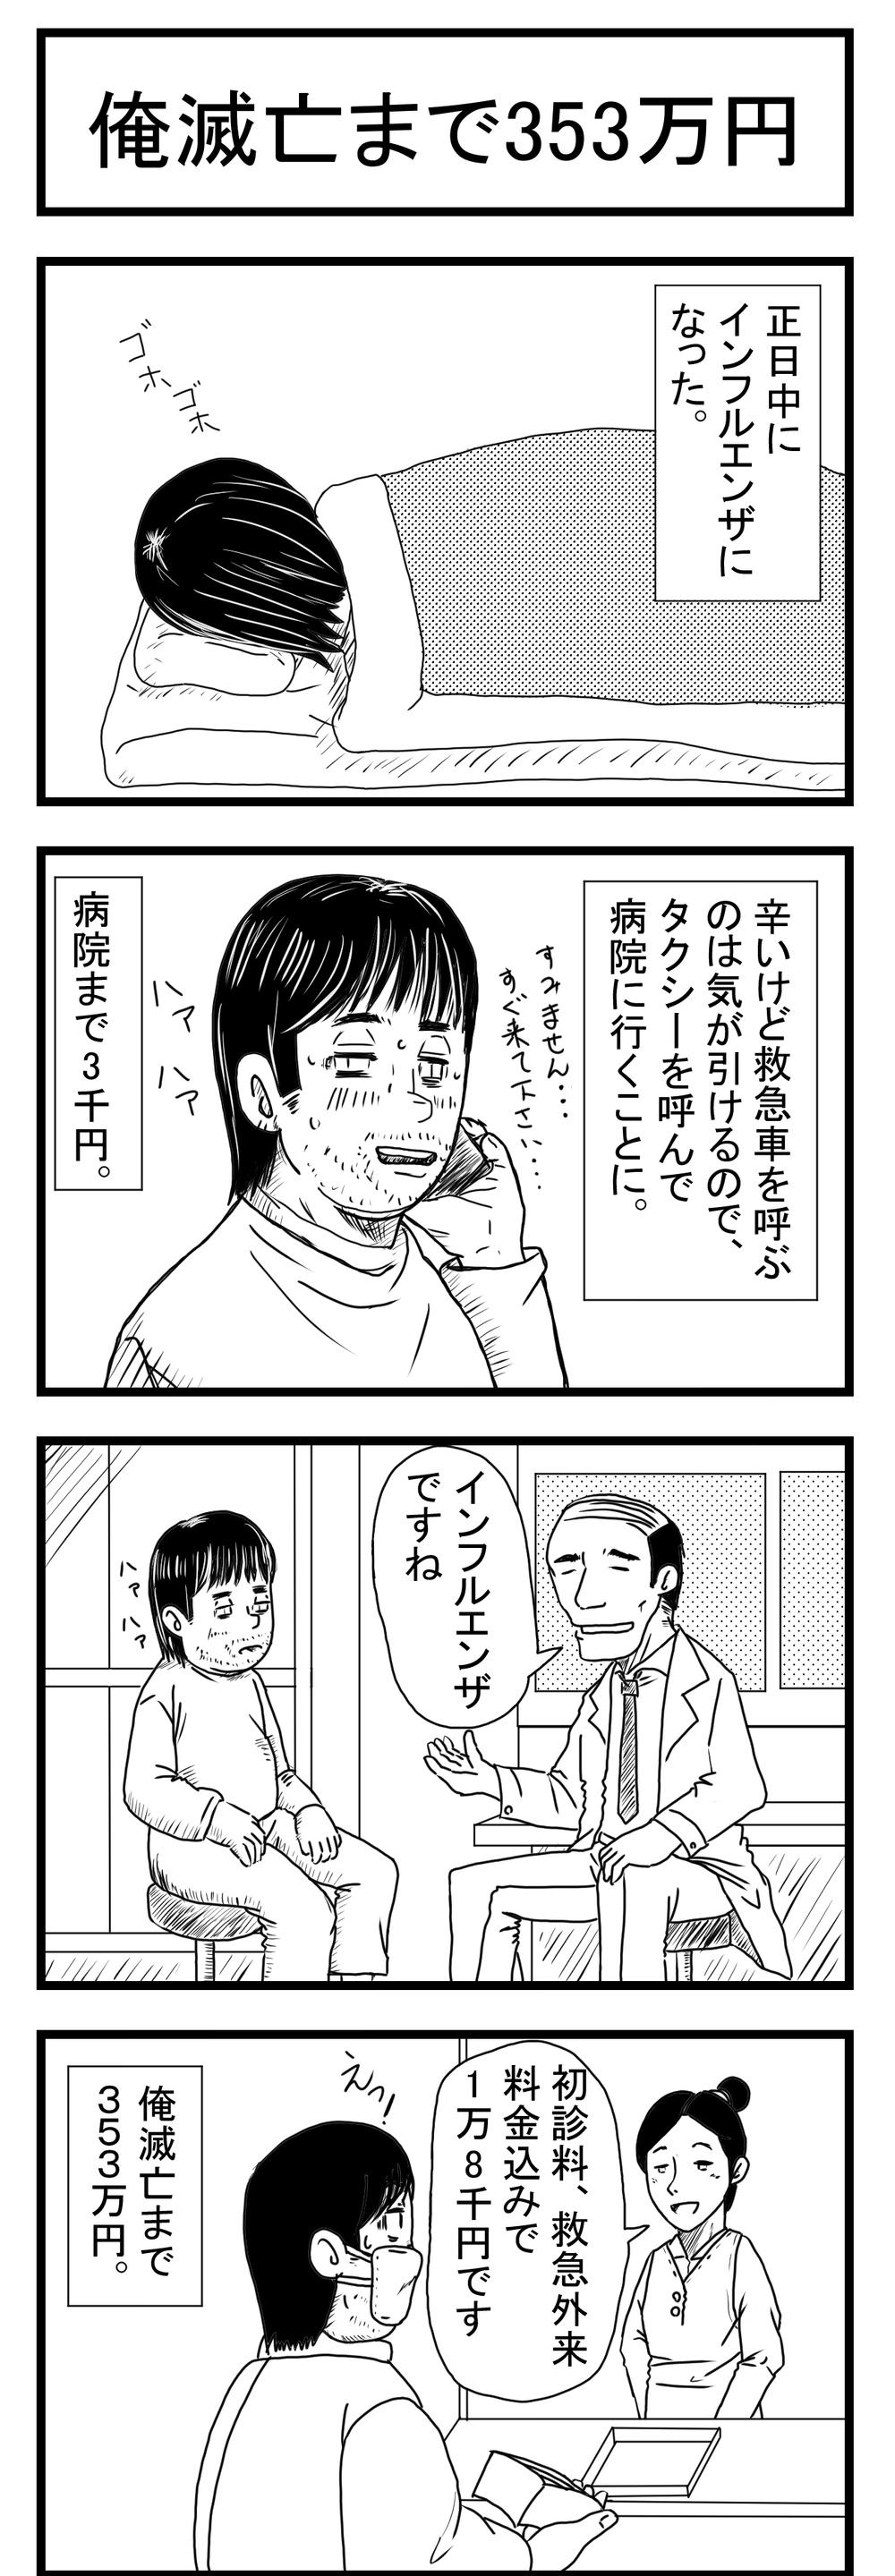 4コマ漫画「俺滅亡まで353万円」その4(Raytrektabで描く漫画)#4コマ漫画 #インフルエンザ #Raytrektab